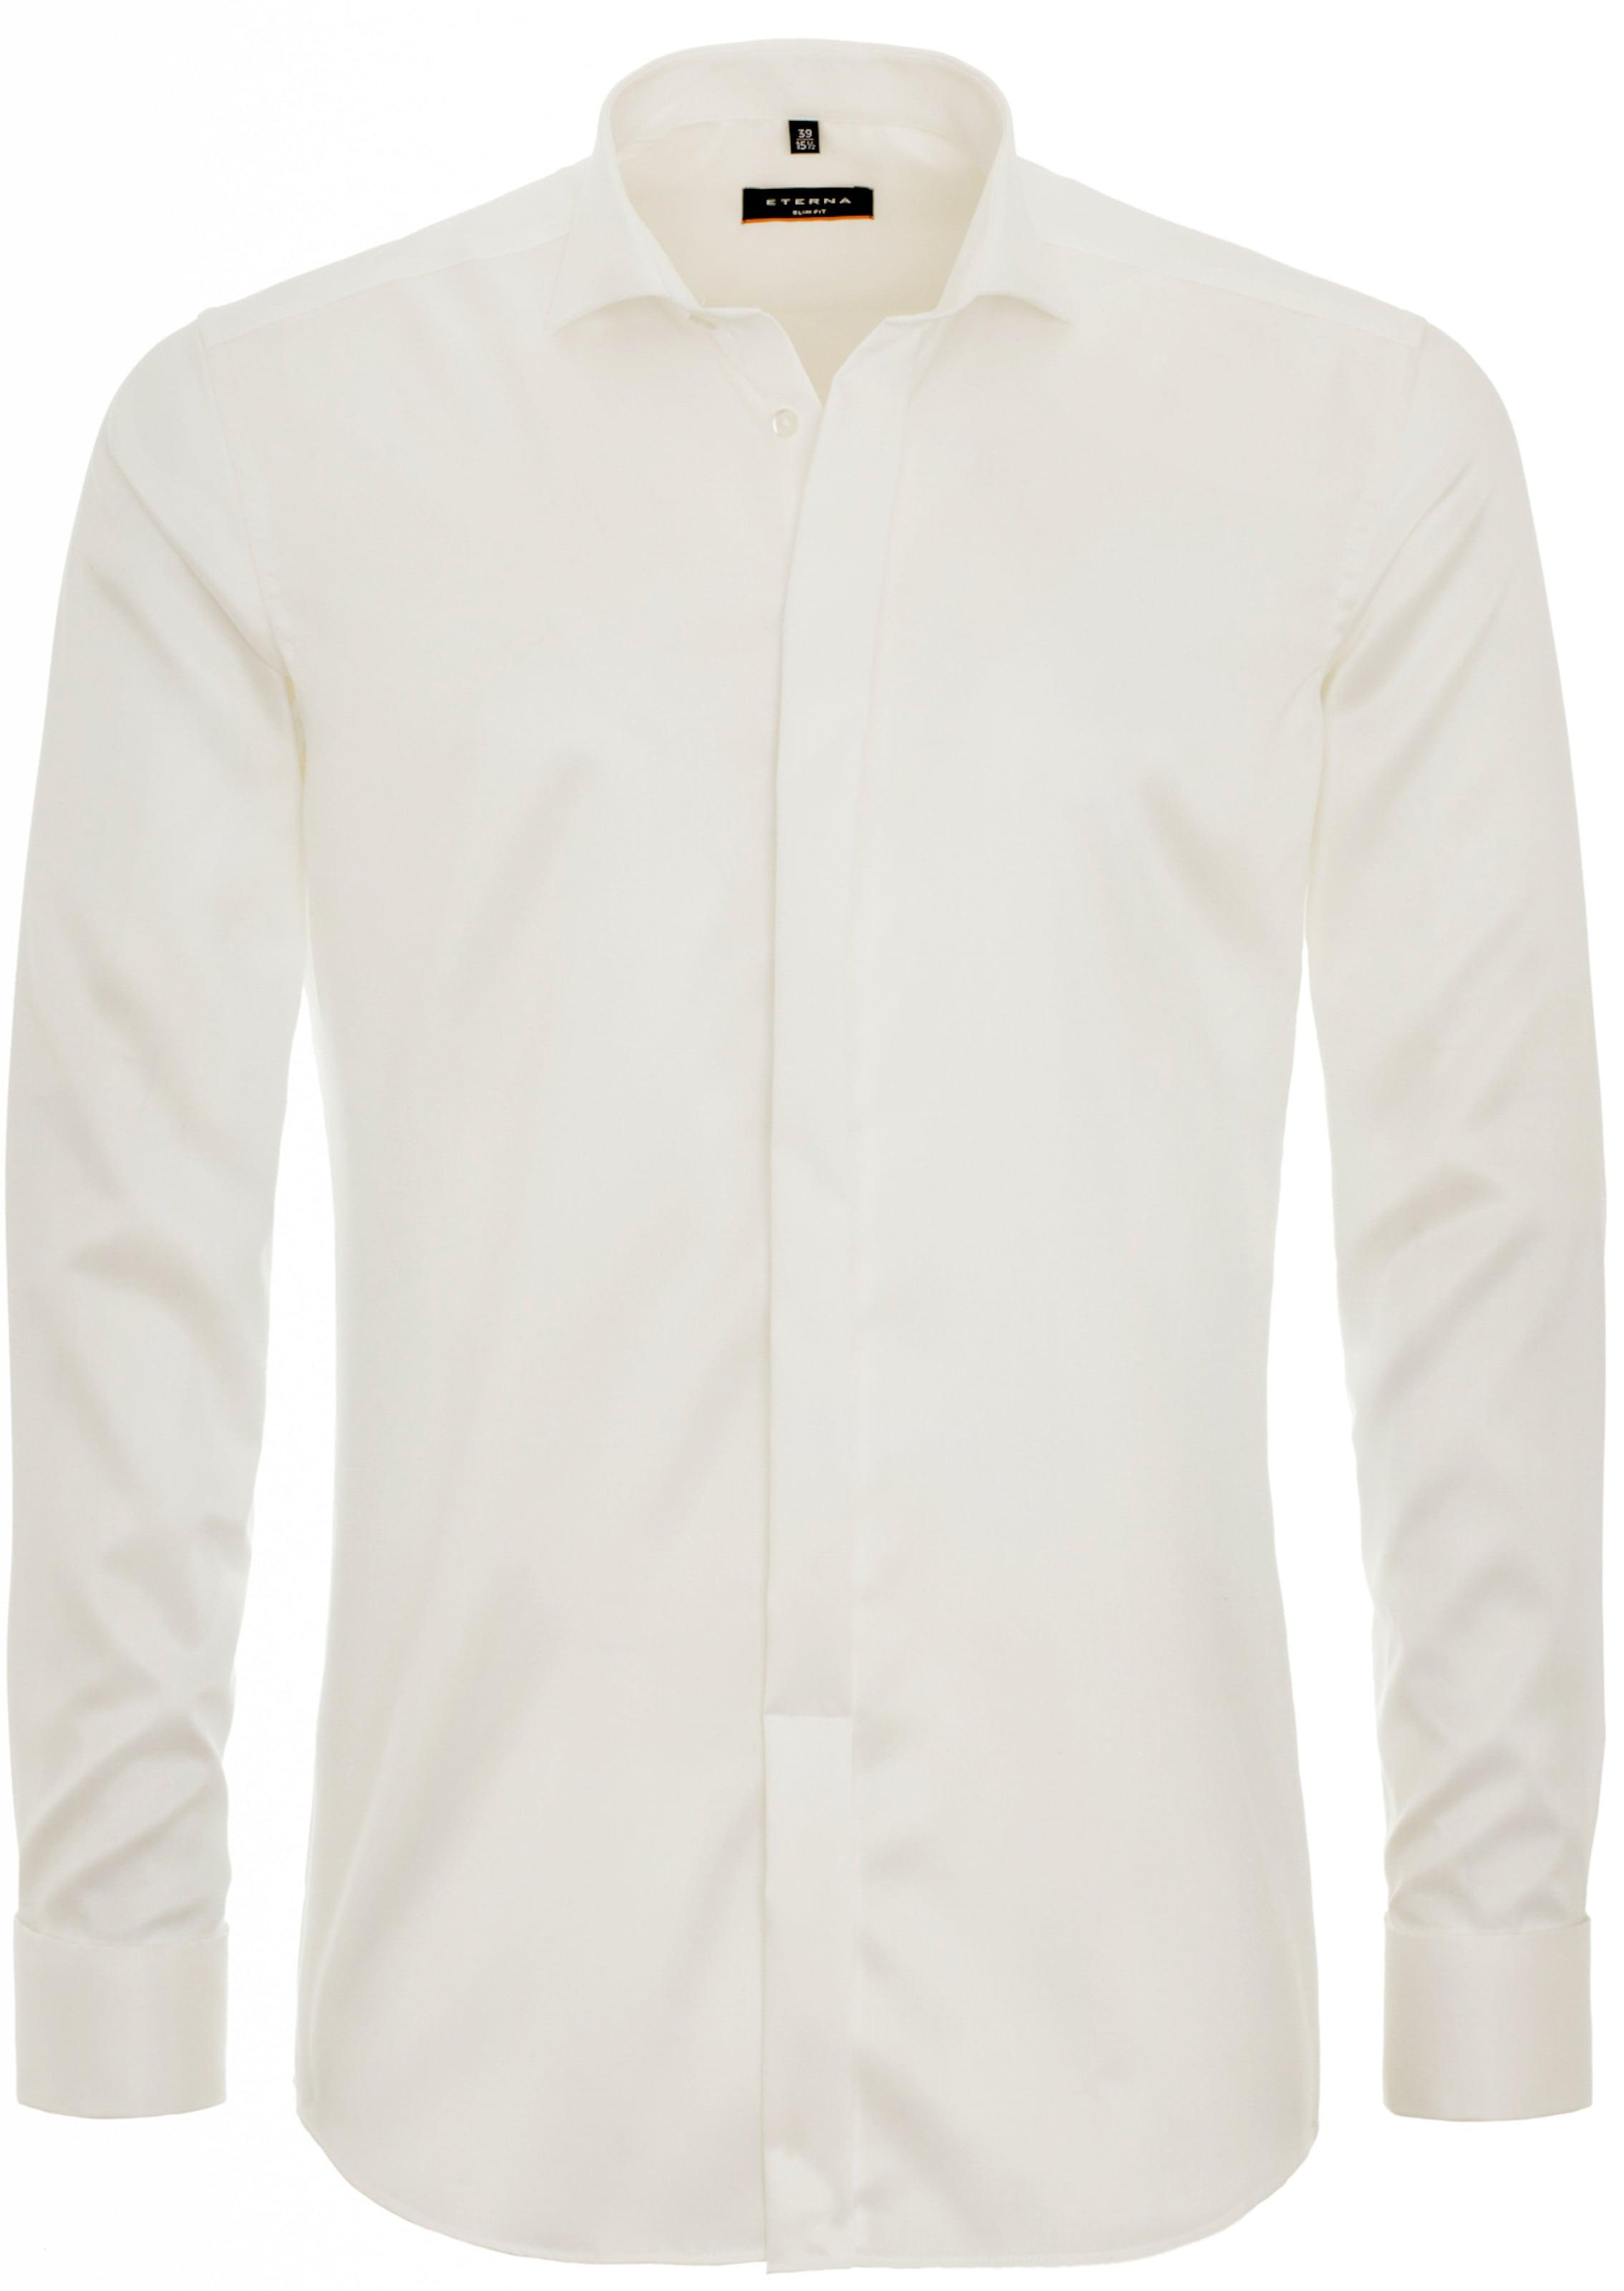 Neueste Online ETERNA Langarm Hemd SLIM FIT Billig Verkauf Heißen Verkauf Outlet Billige Qualität Ebay Günstiger Preis B55wTKKU